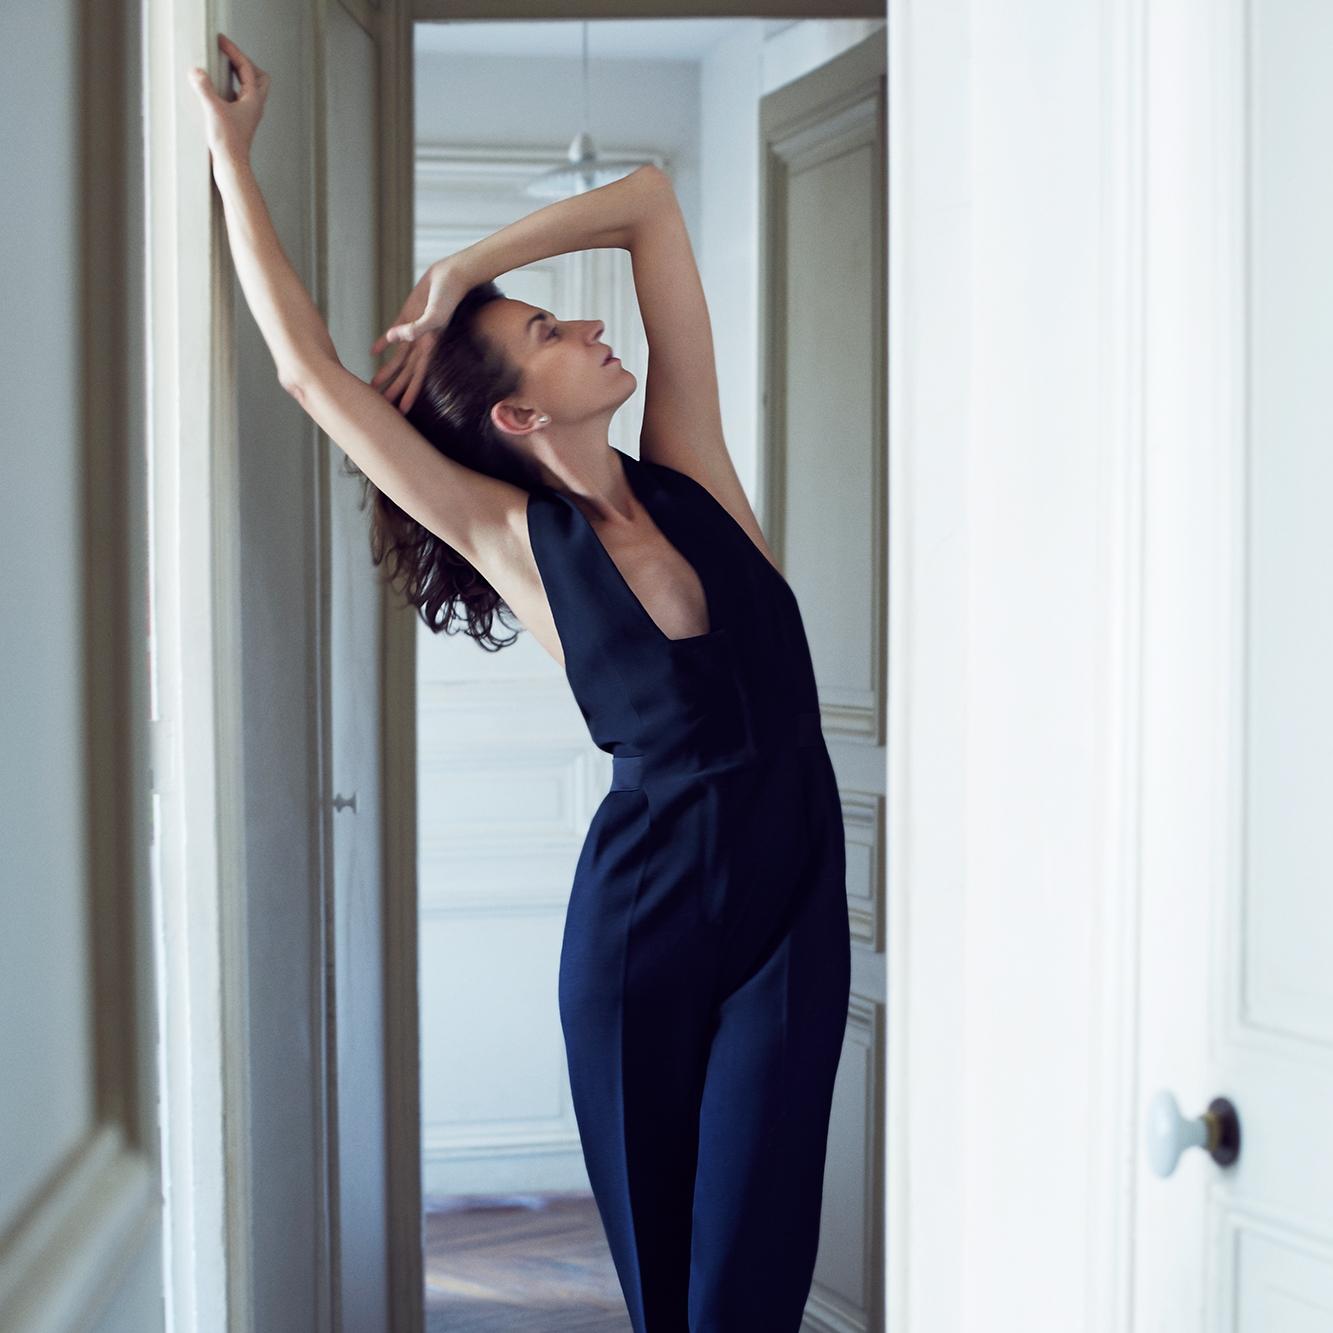 lowe_h_seger_violetta_sanchez_another_magazine+03.jpg